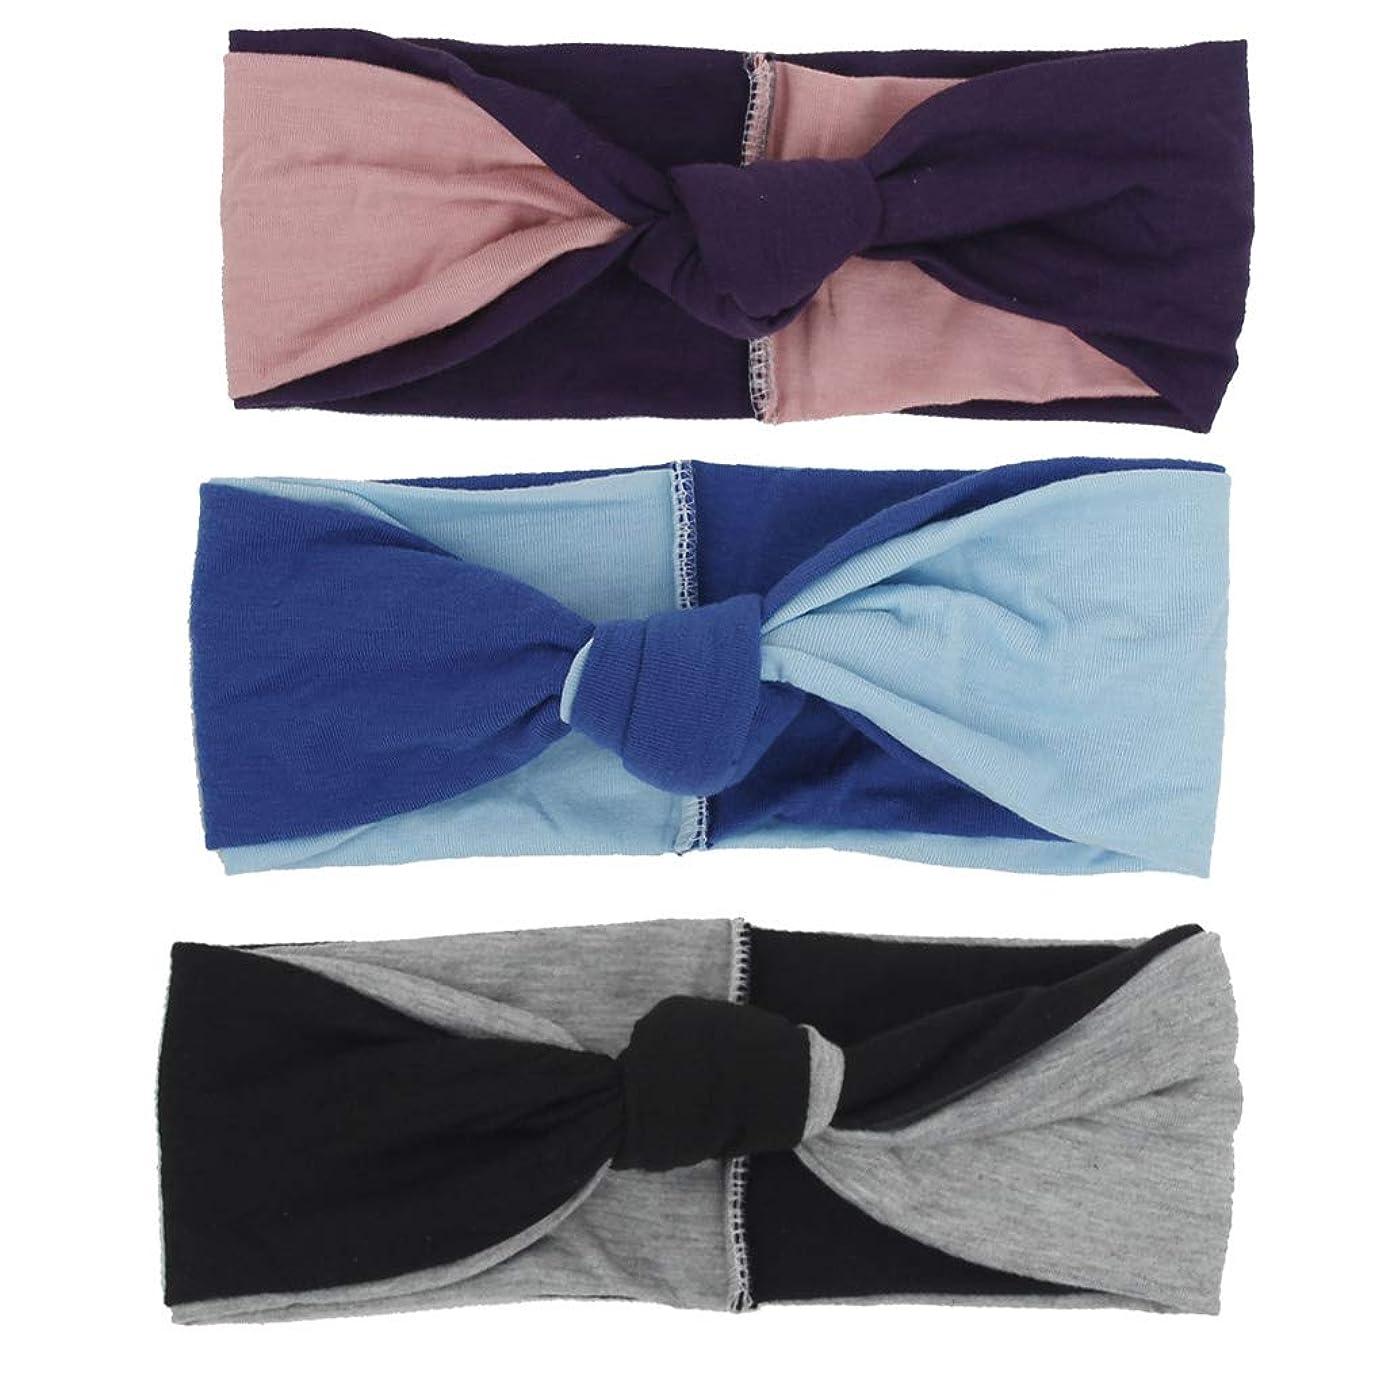 シンボルゾーン隠すヘアバンド、カラーマッチング2色結び目のあるヘアバンド女性のヘアアクセサリー(3) (色 : #3)